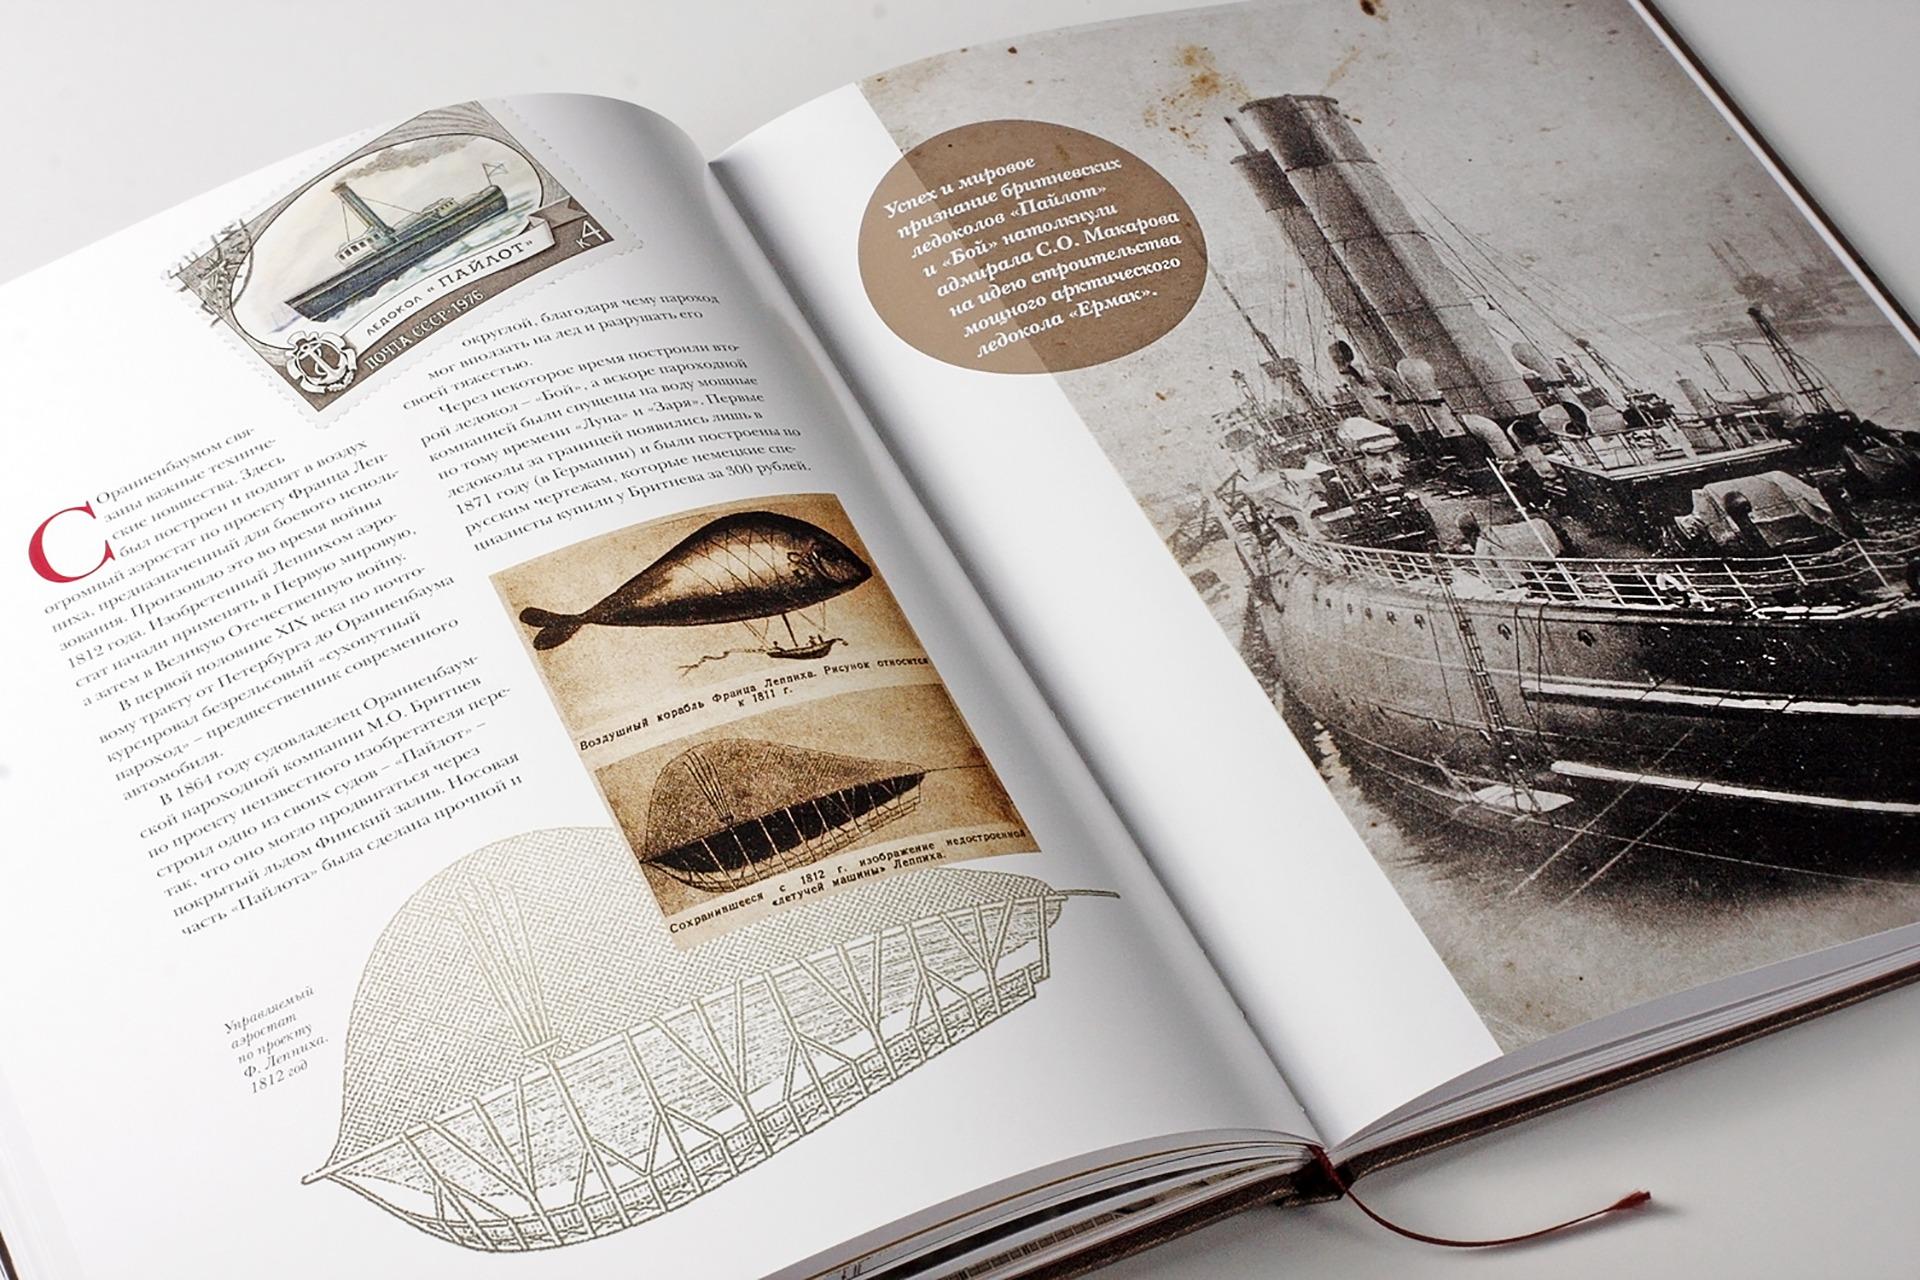 Дизайн подарочного издания, дизайн полиграфии, Asgard agency, Ораниенбаум, город Ломоносов, книжный разворот